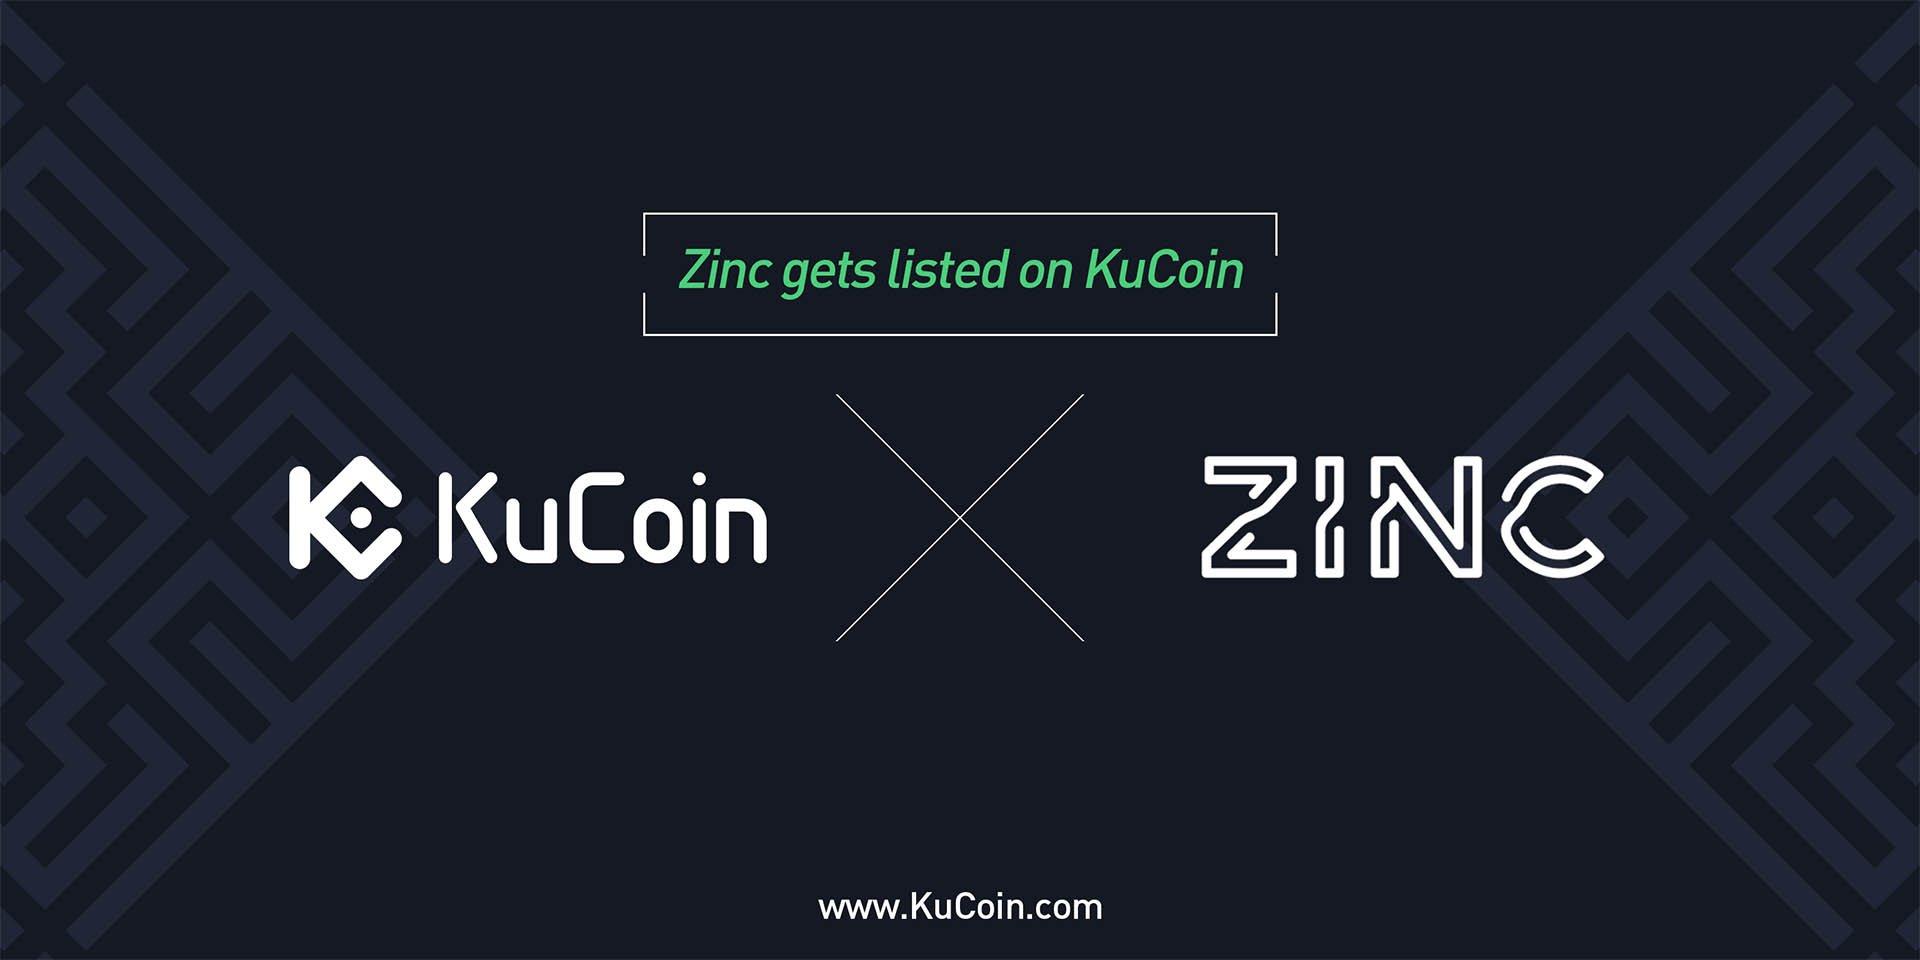 Zinc (ZINC) Gets Listed on KuCoin!